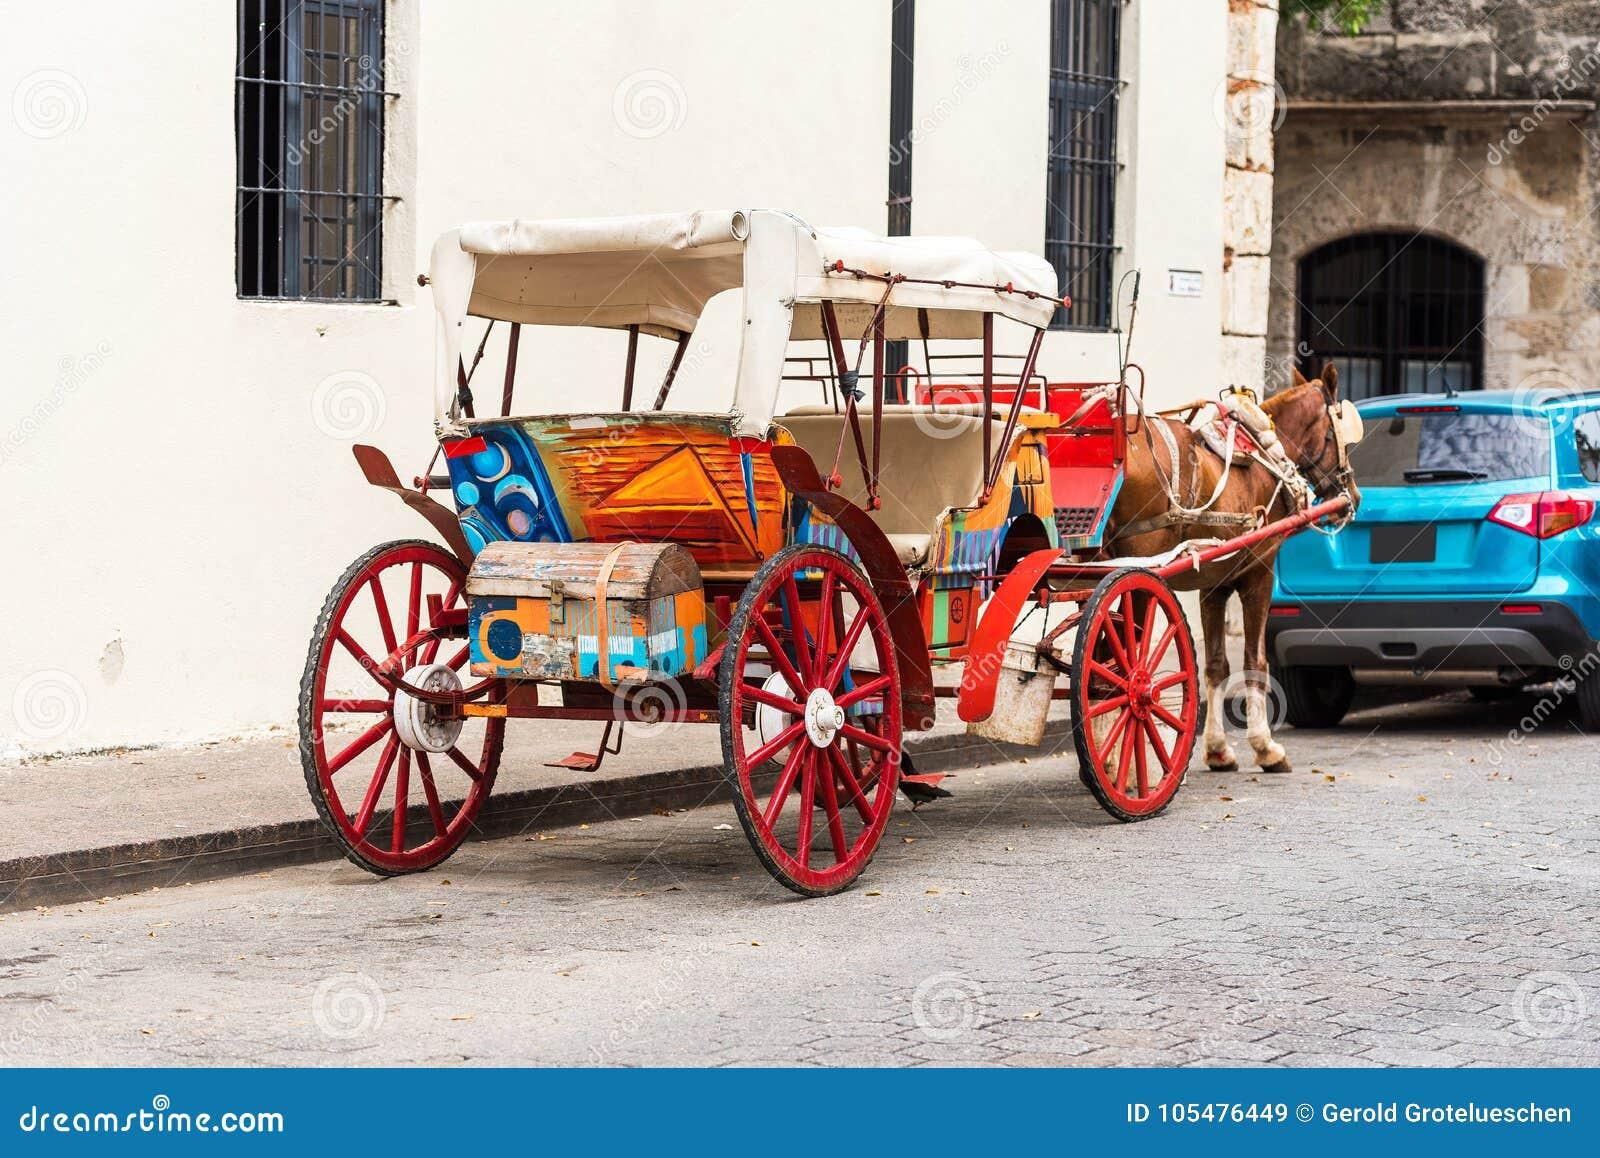 Carro retro con un caballo en una calle de la ciudad en Santo Domingo, República Dominicana Copie el espacio para el texto